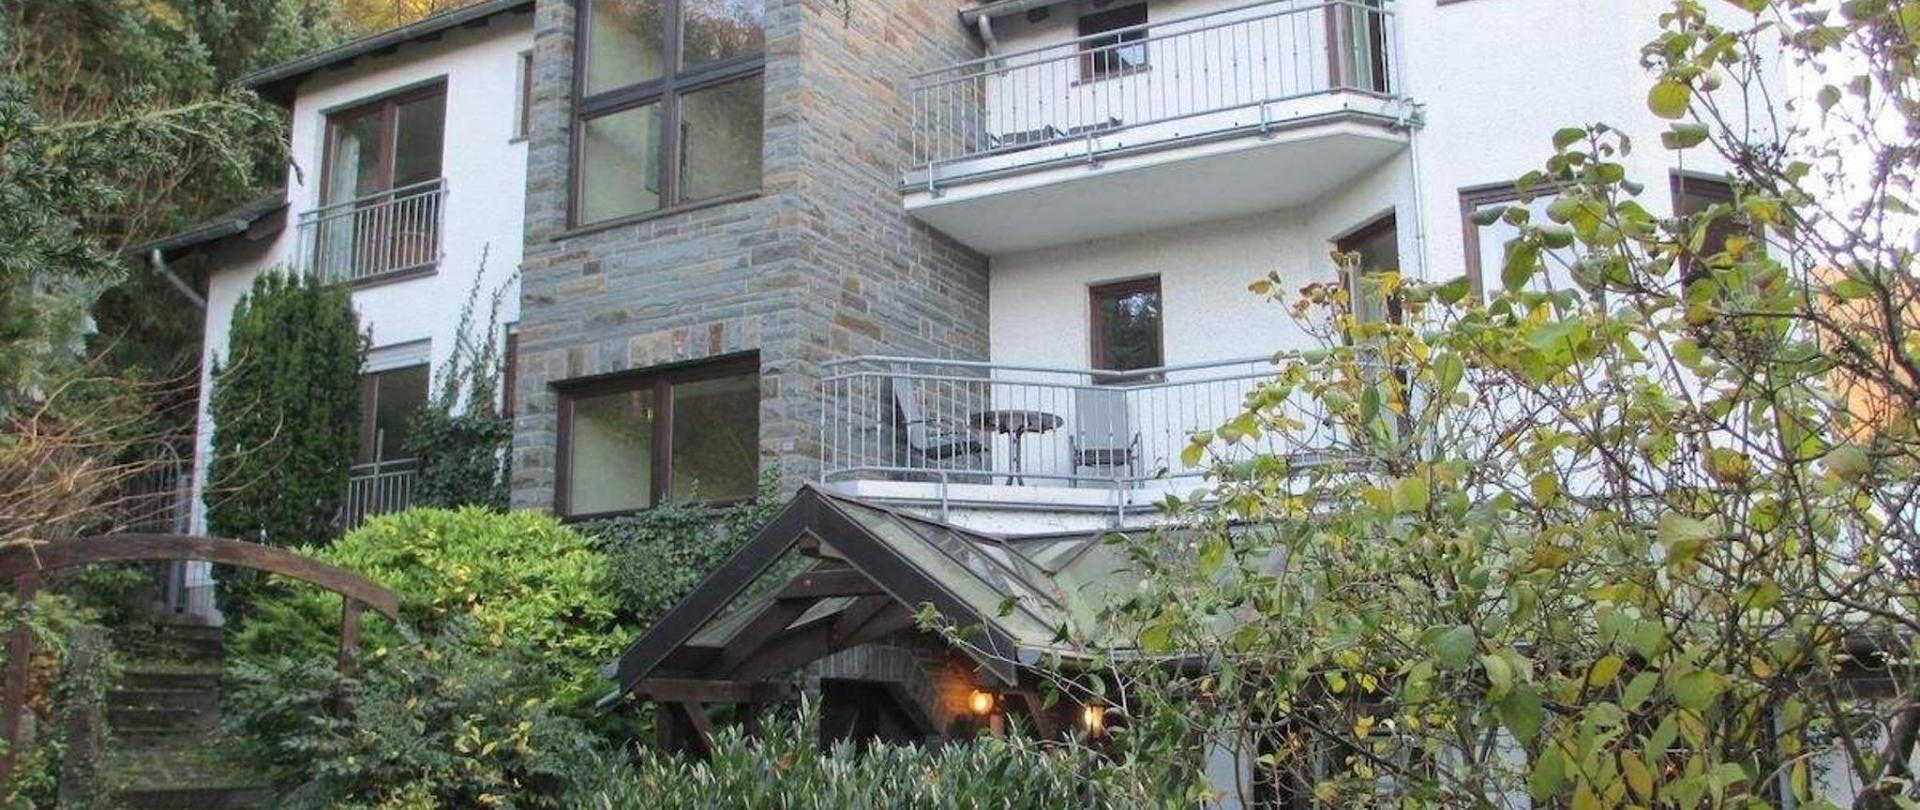 Hotel Burgschänke - Koblenz - Deutschland – Hotel Burgschänke ...